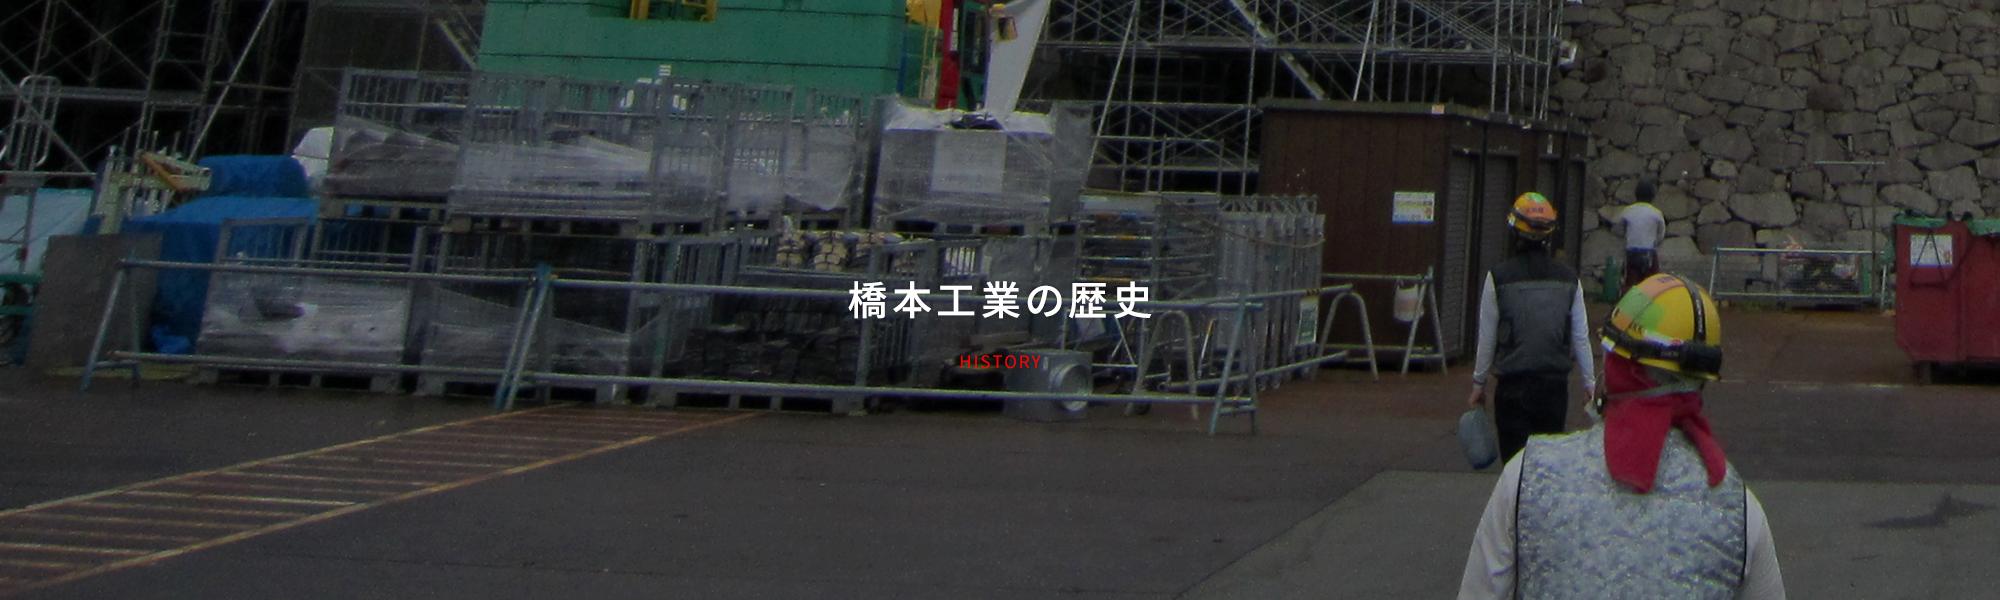 橋本工業の歴史